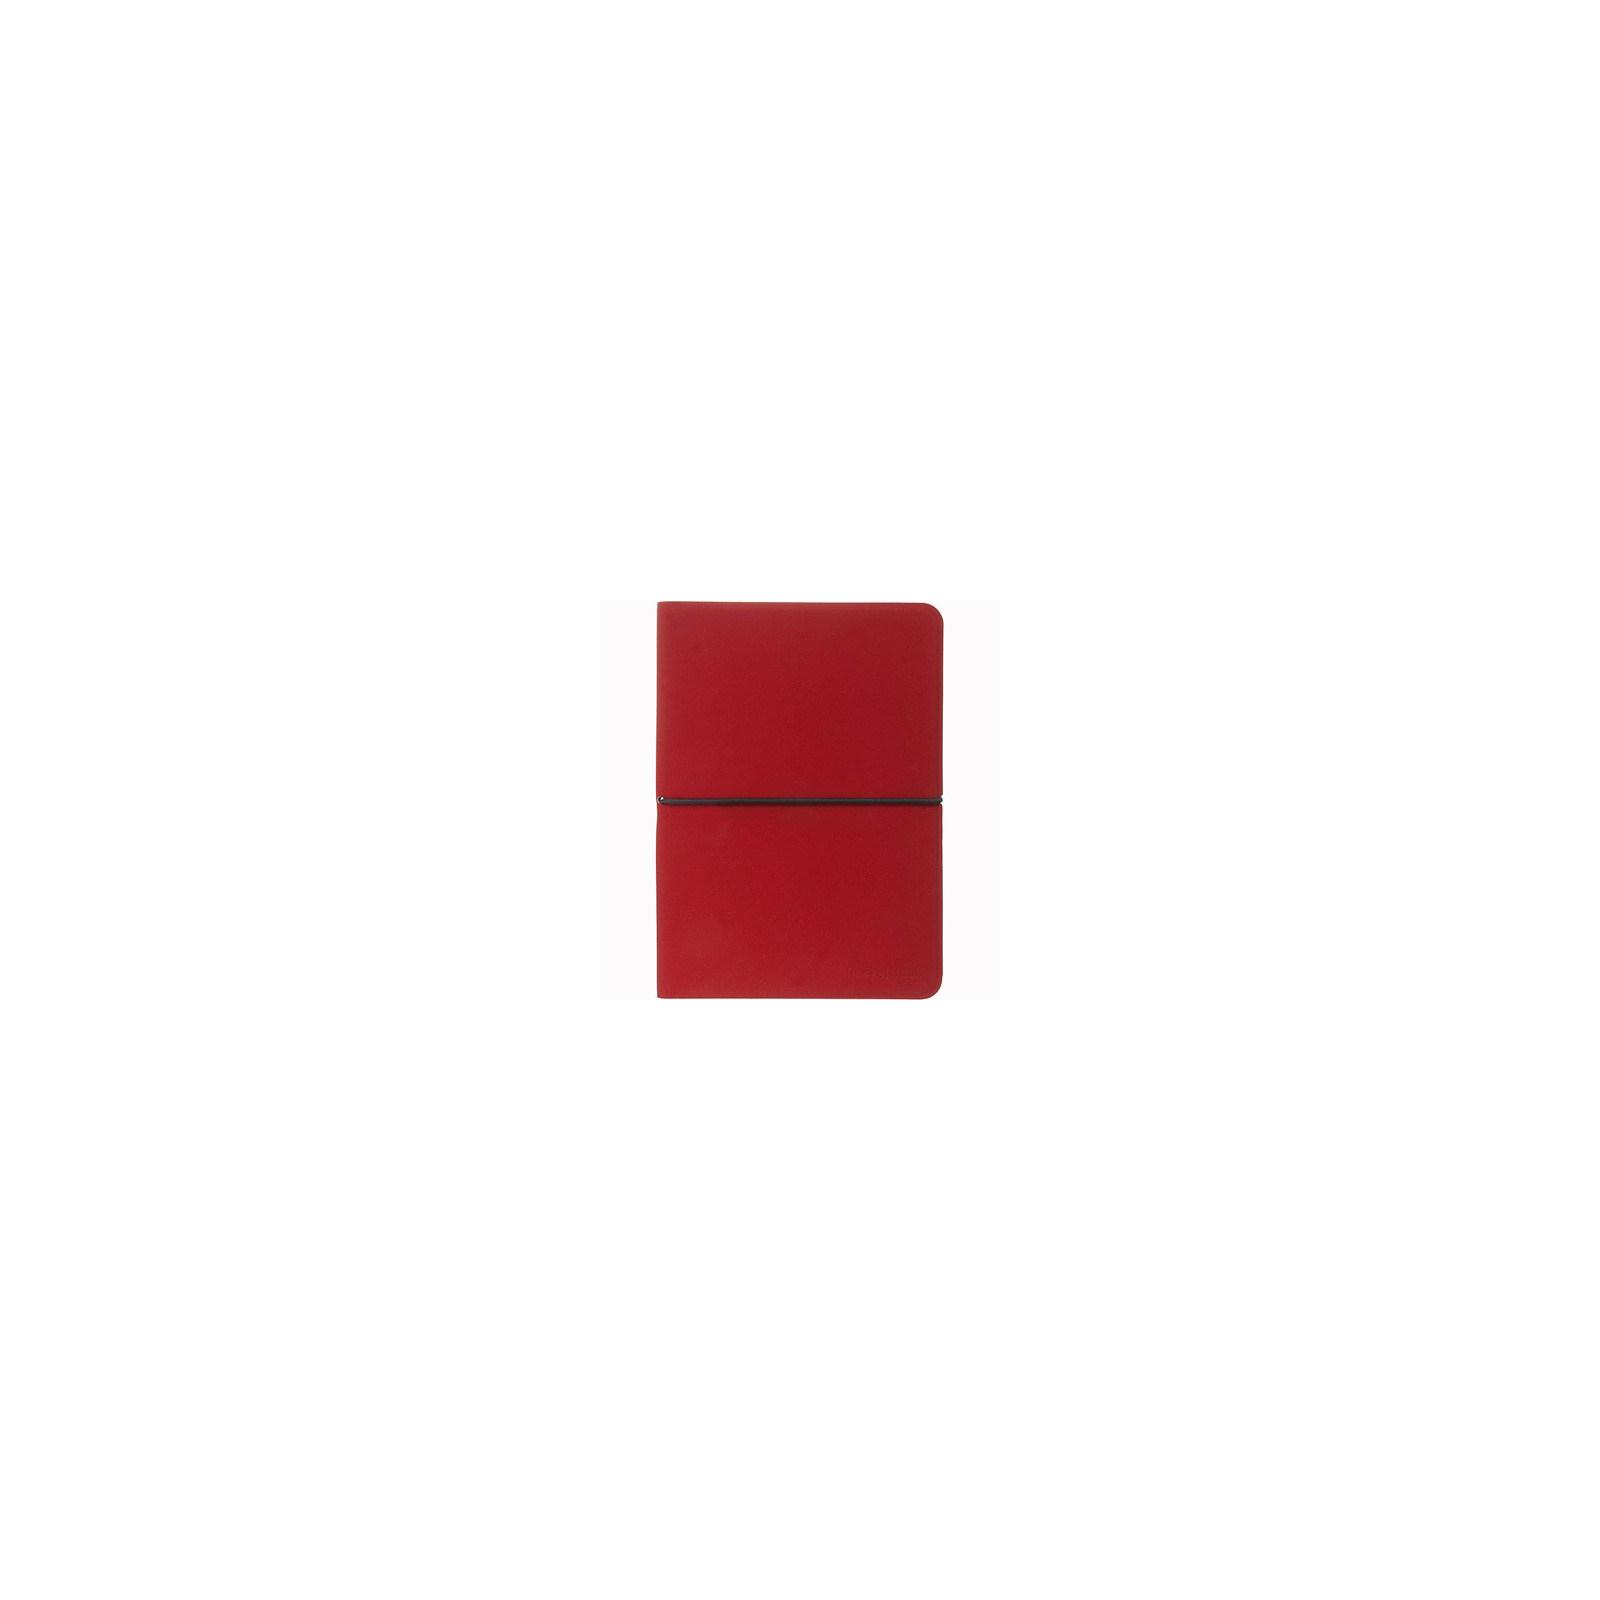 Чехол для электронной книги PocketBook VW Easy для PB622 (VWPUC-622-RD-ES)